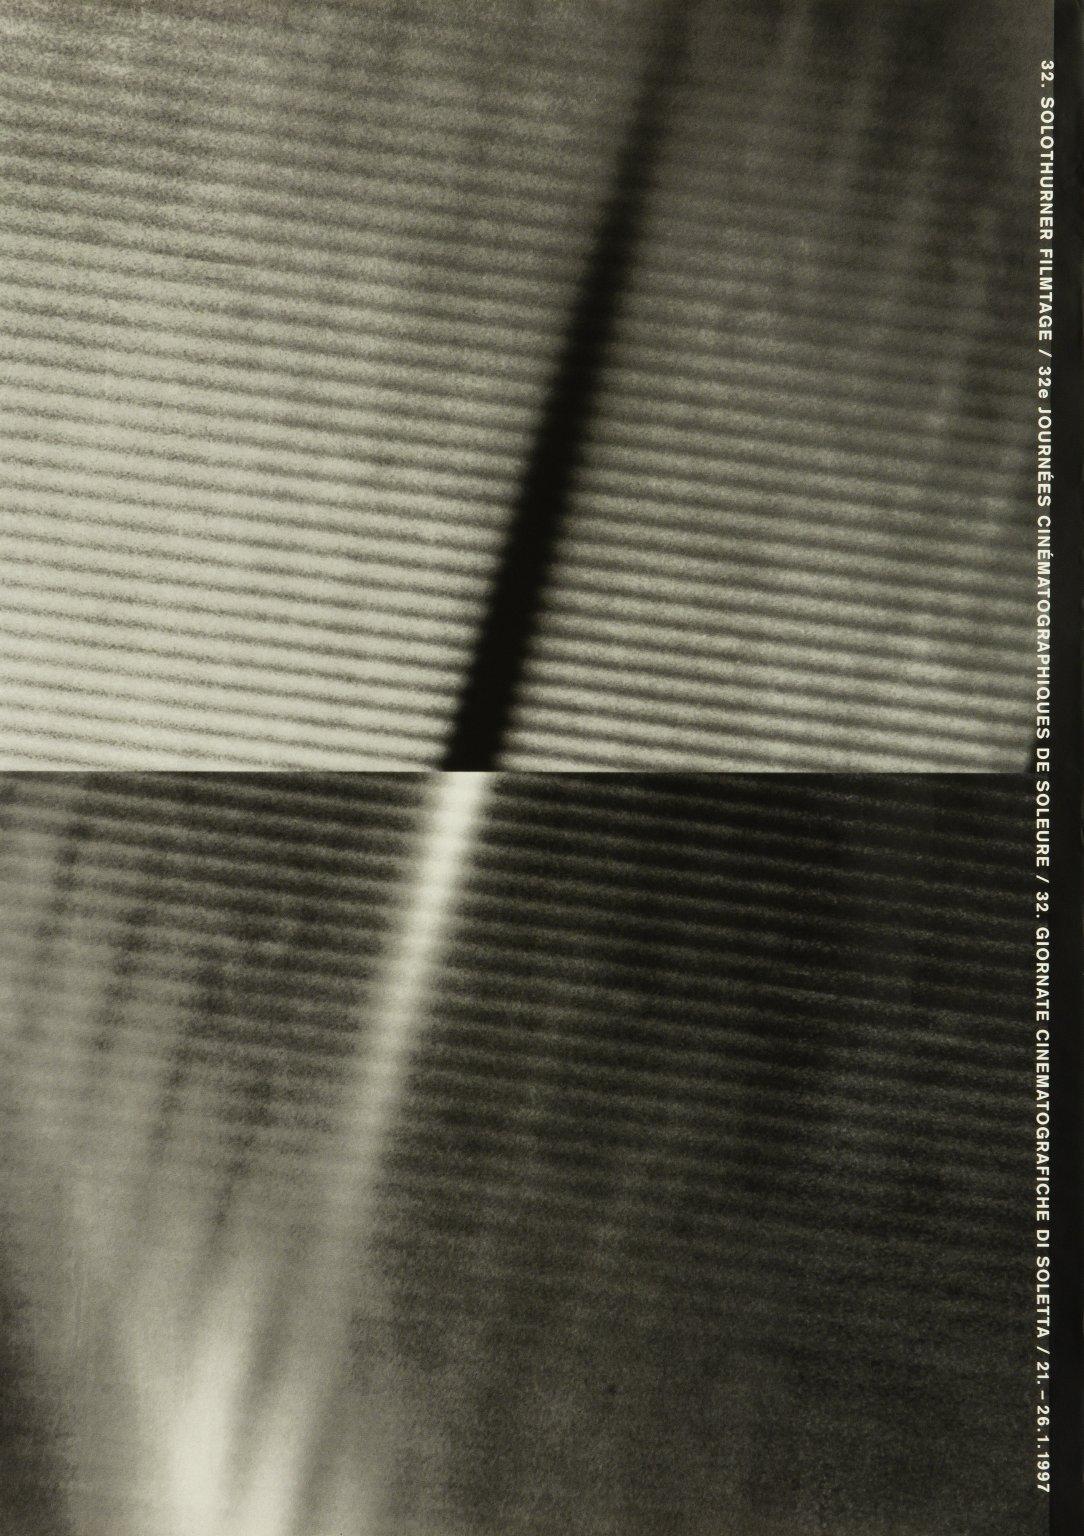 32. Solothurner Filmtage